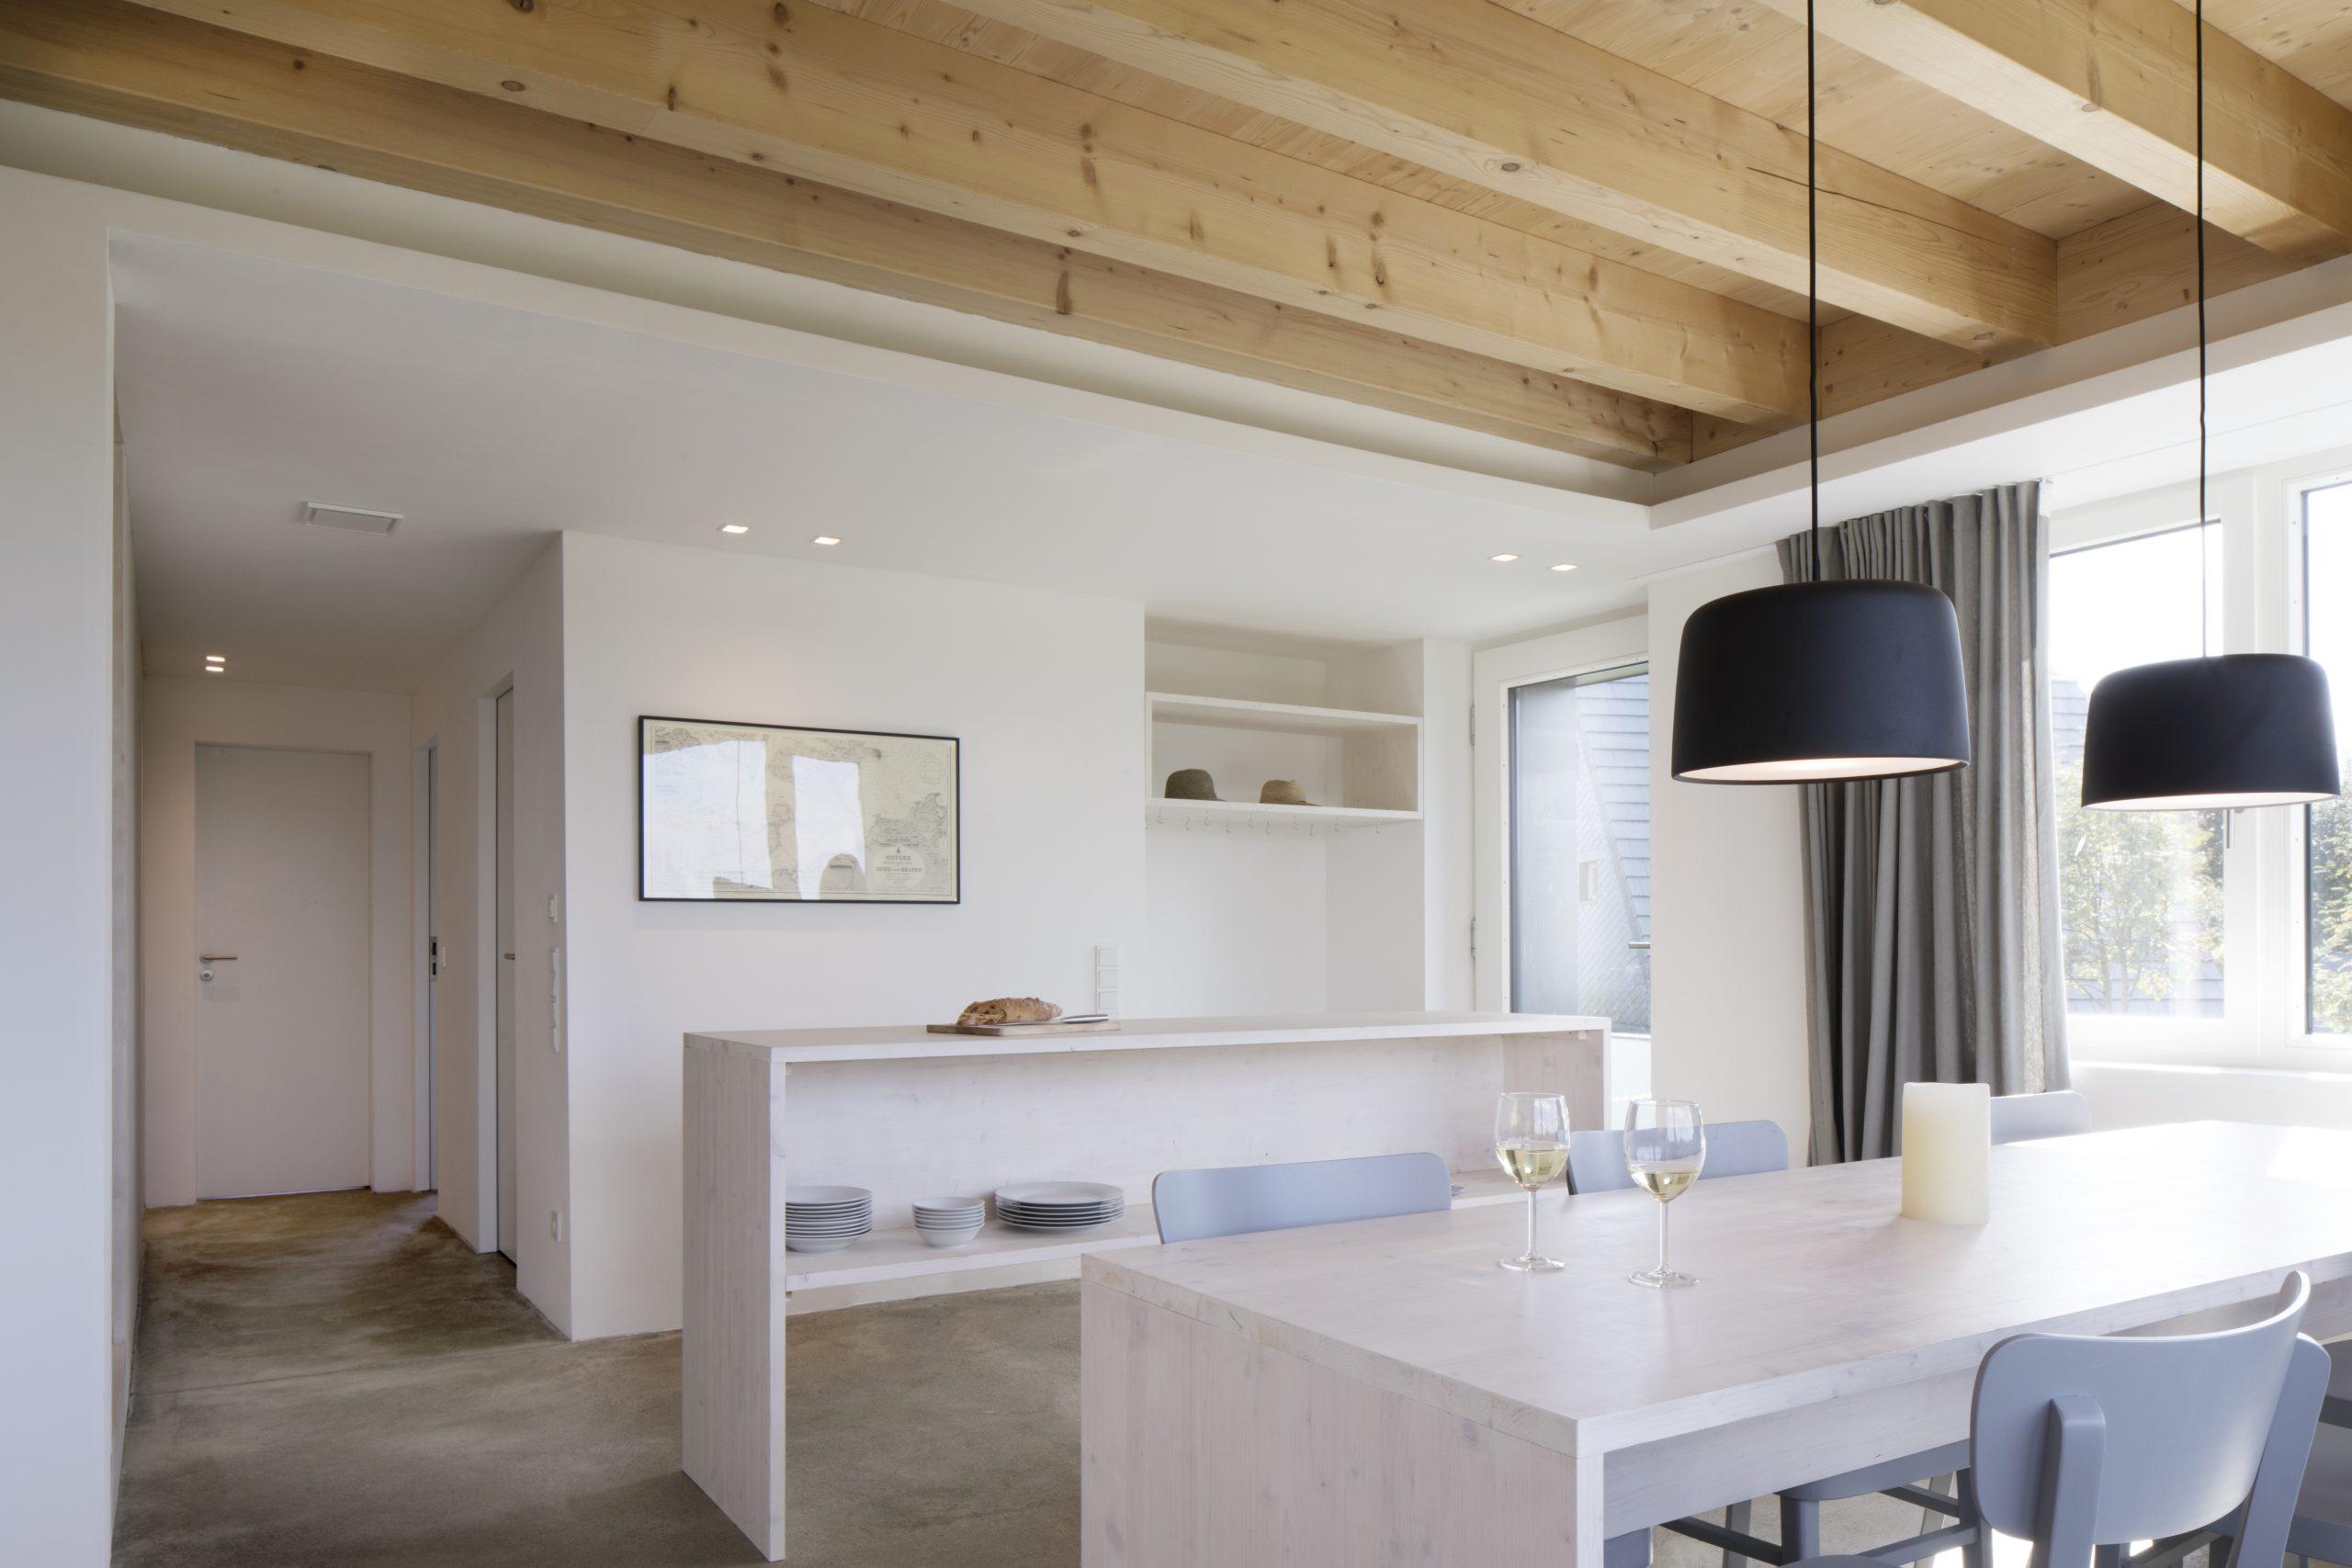 fjordhaus_kappeln_8281